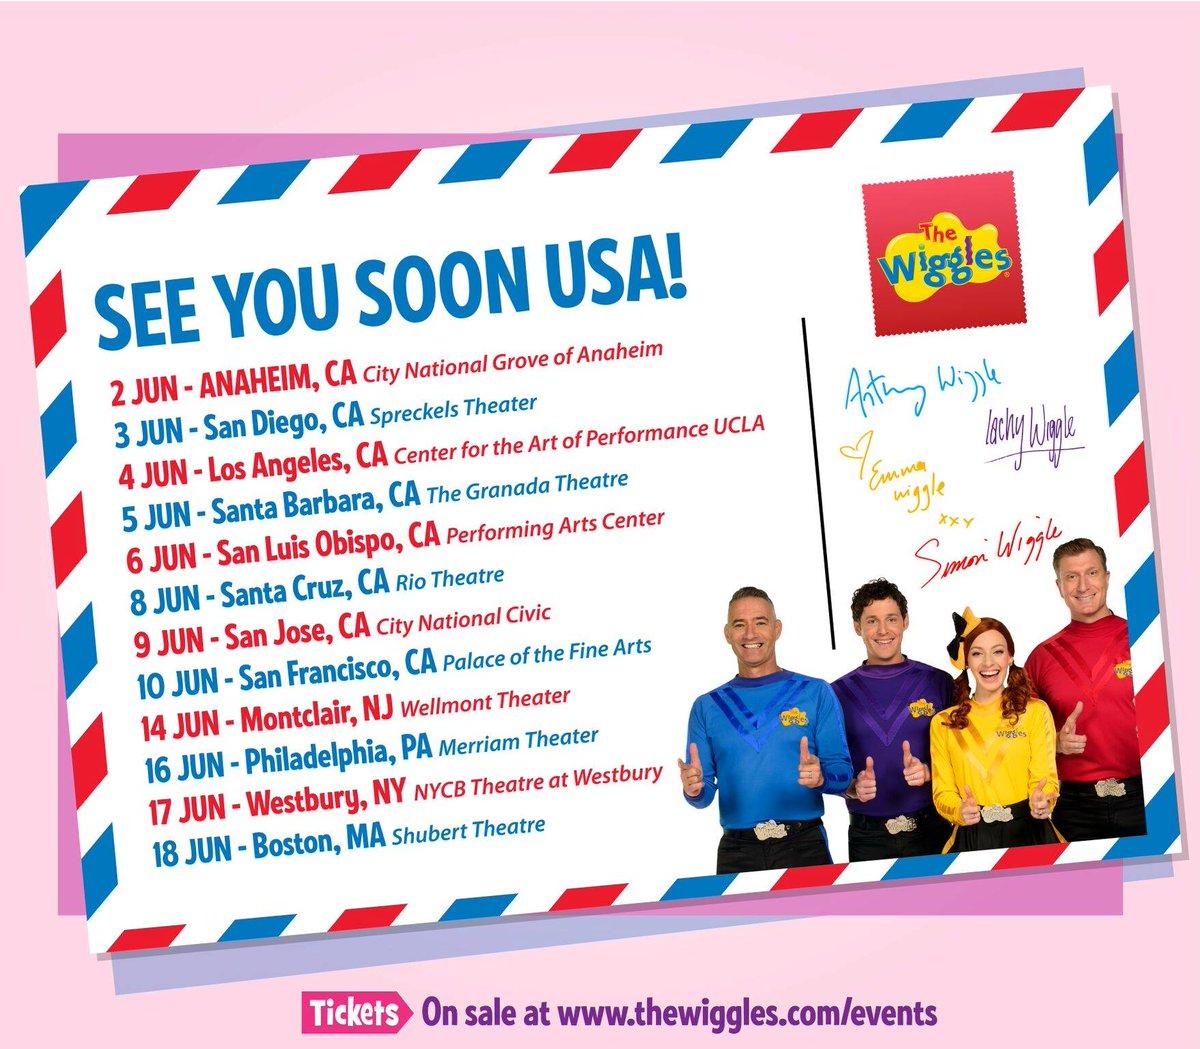 The Wiggles Com Tours